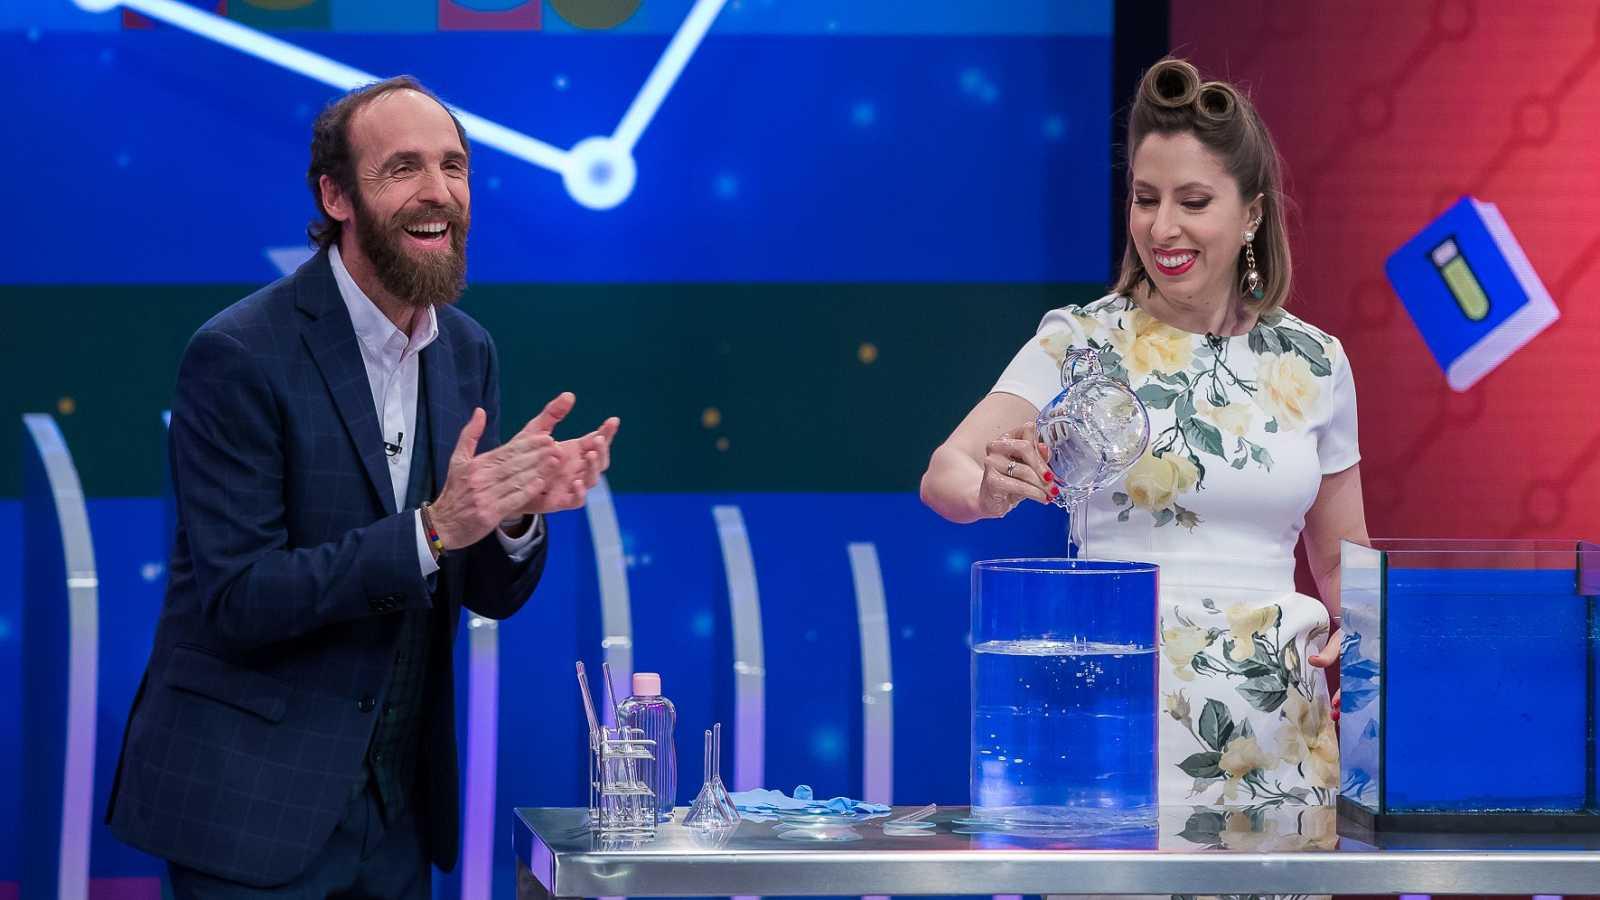 Deborah García y Edu Sáenz de Cabezón hacen desaparecer objetos gracias a la velocidad de refracción en Órbita Laika invisibilidad